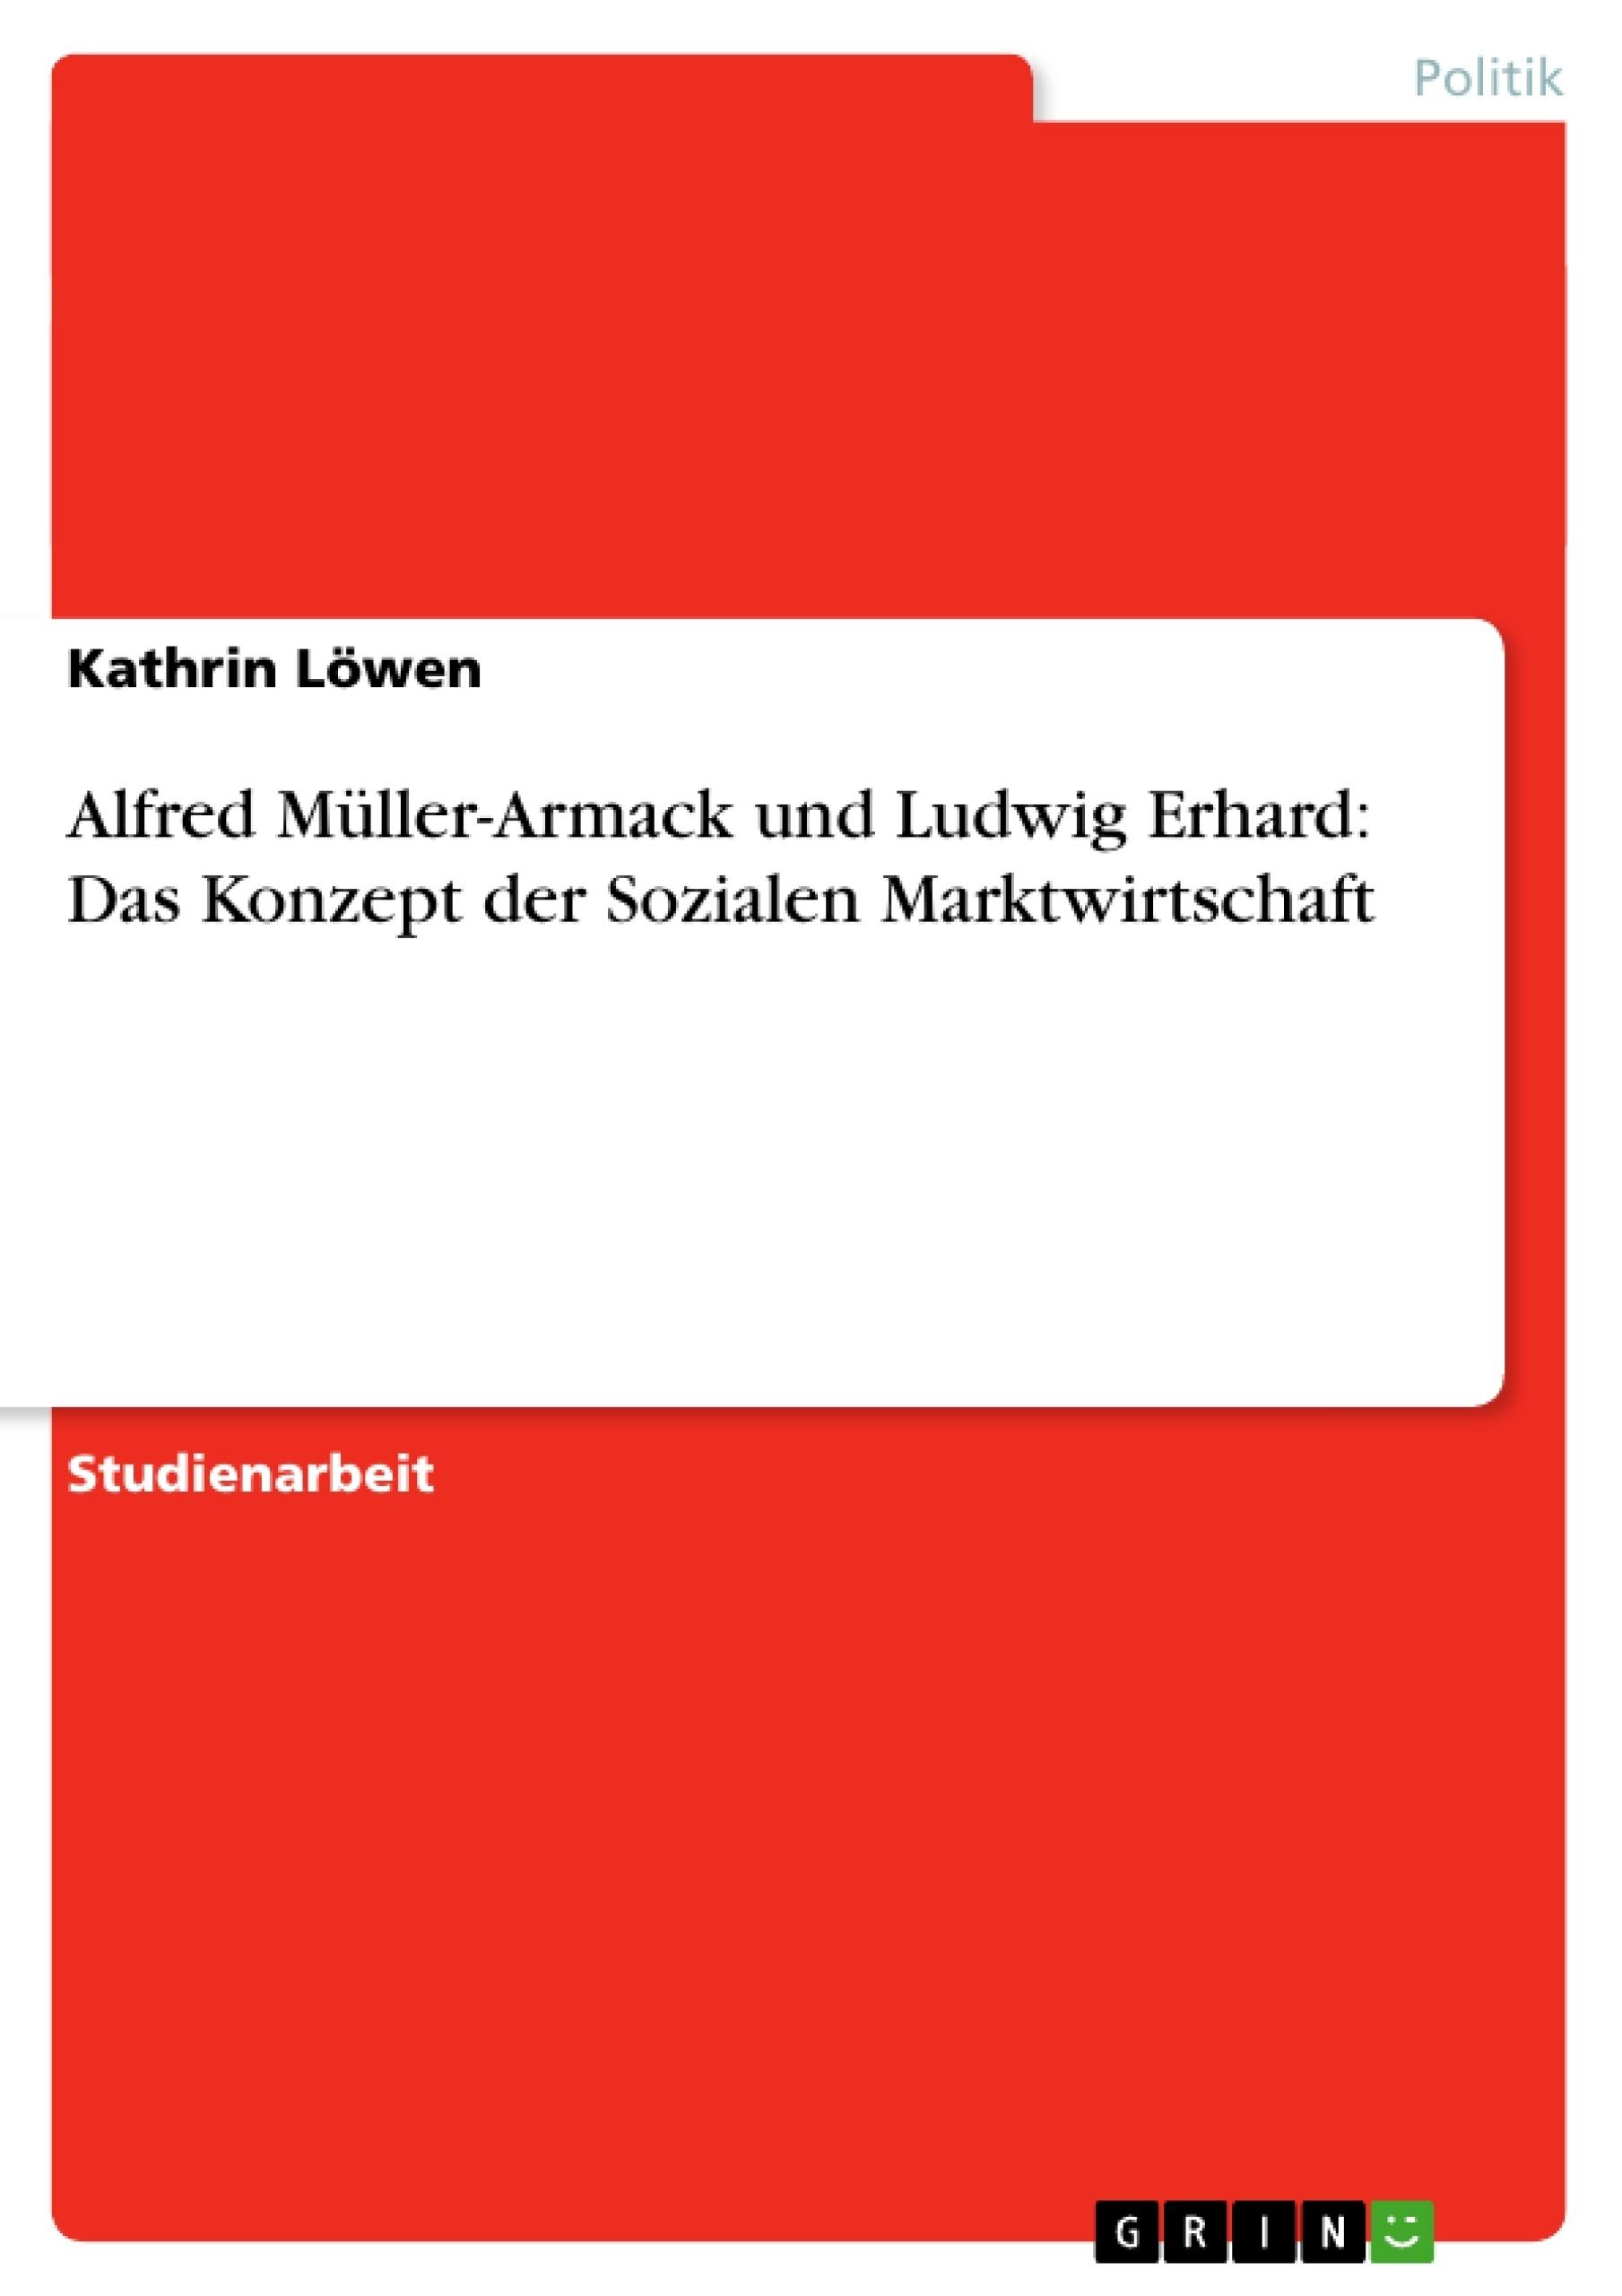 Titel: Alfred Müller-Armack und Ludwig Erhard: Das Konzept der Sozialen Marktwirtschaft